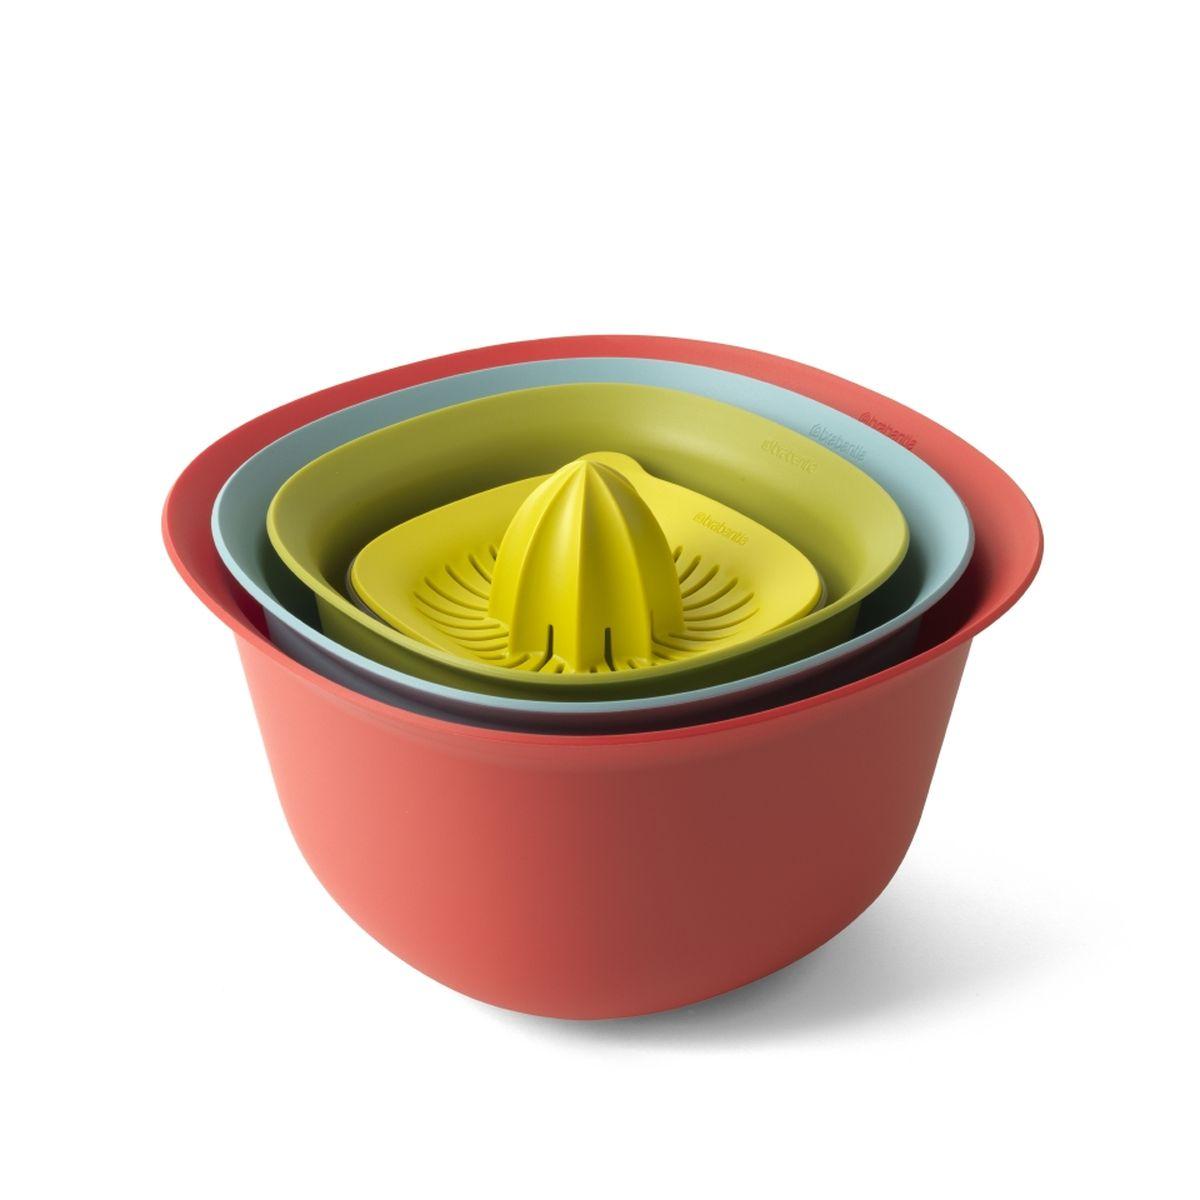 Набор салатников Brabantia Tasty Colours (4шт)90406/071В набор входят: миски 1,5 и 3,2 л, дуршлаг, соковыжималка для цитрусовых с мерным стаканом. Экономия места на кухне и удобное хранение в выдвижном ящике – изделия составляются одно в другое; Легко моются – можно мыть в посудомоечной машине; Миски и мерный стакан имеют нескользящее основание; Мерный стакан вместимостью 500 мл имеет четкие мерные деления в мл, пинтах, порциях и жидких унциях; Соковыжималка подходит для приготовления сока из любых цитрусовых; Гарантия 5 лет.